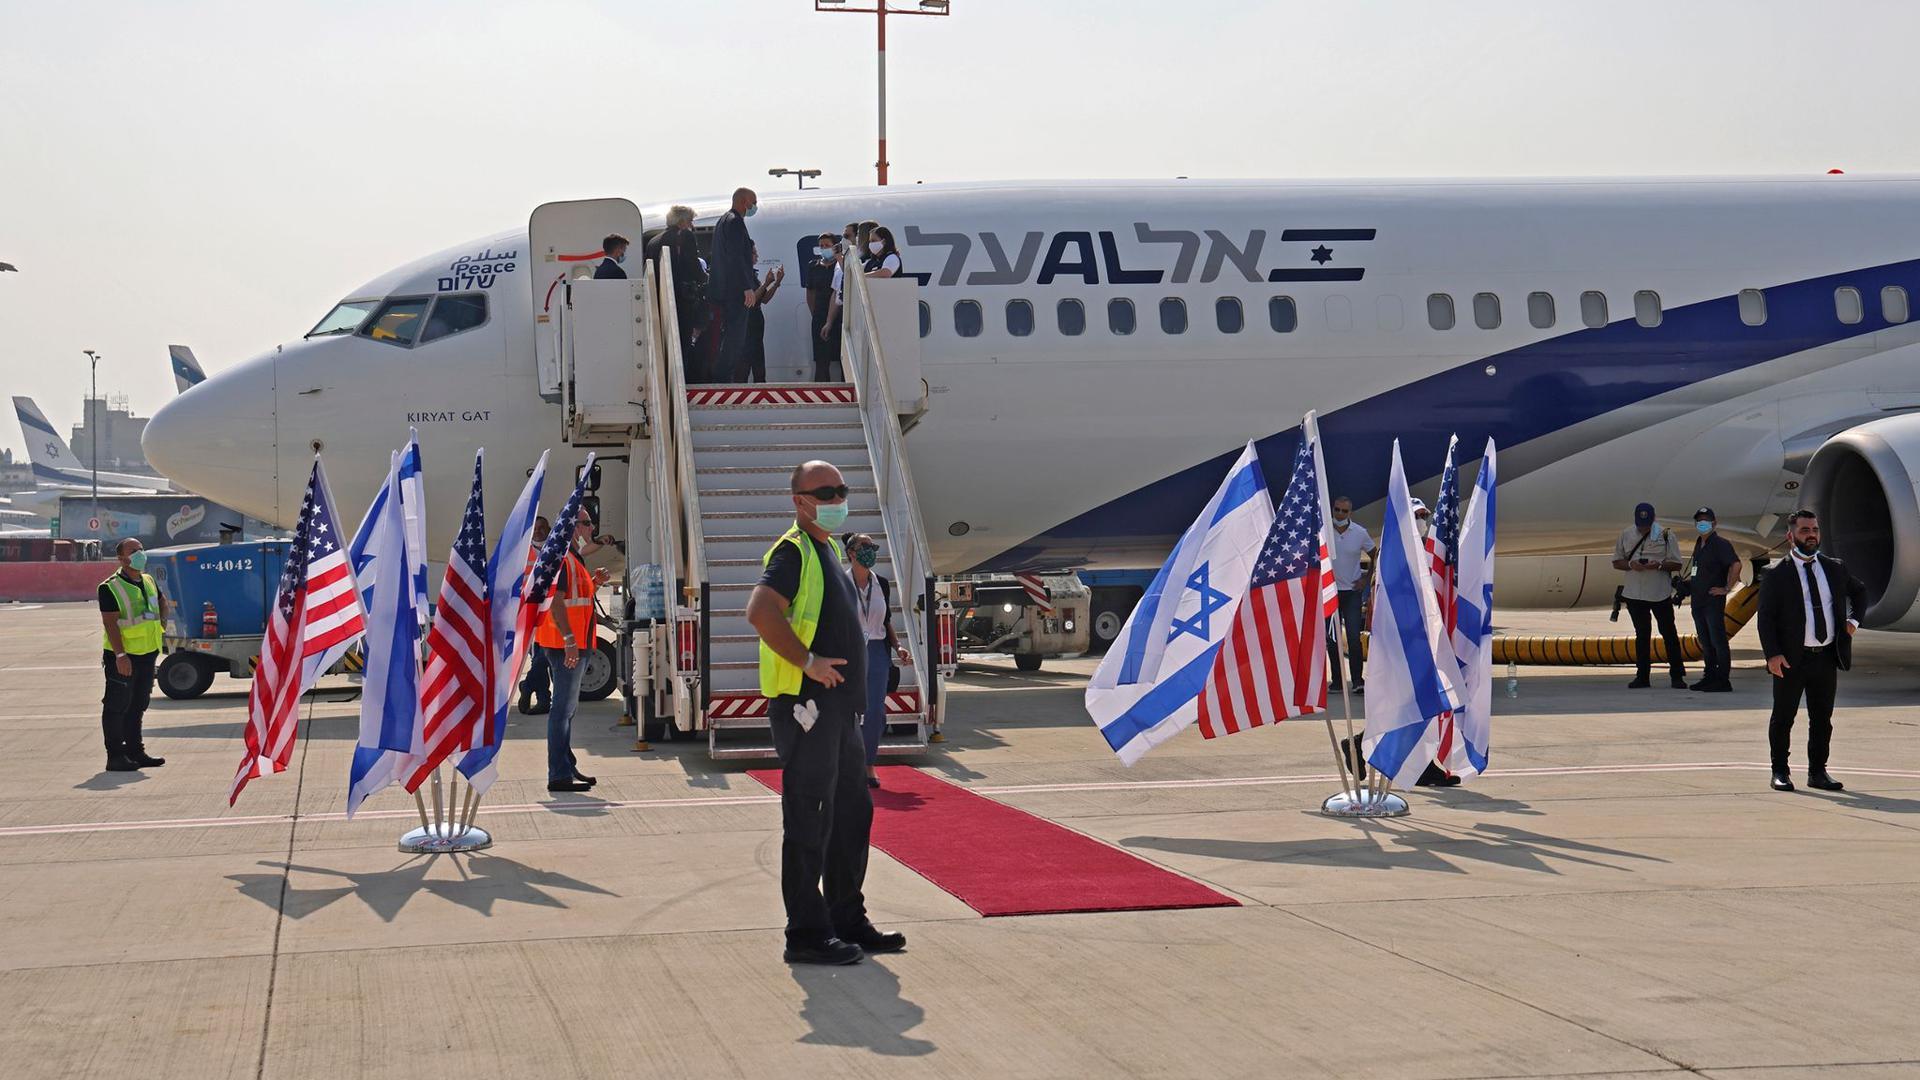 Die Maschine der israelischen Fluggesellschaft El Al vor dem Abflug nach Abu Dhabi auf dem Flughafen Ben Gurion.